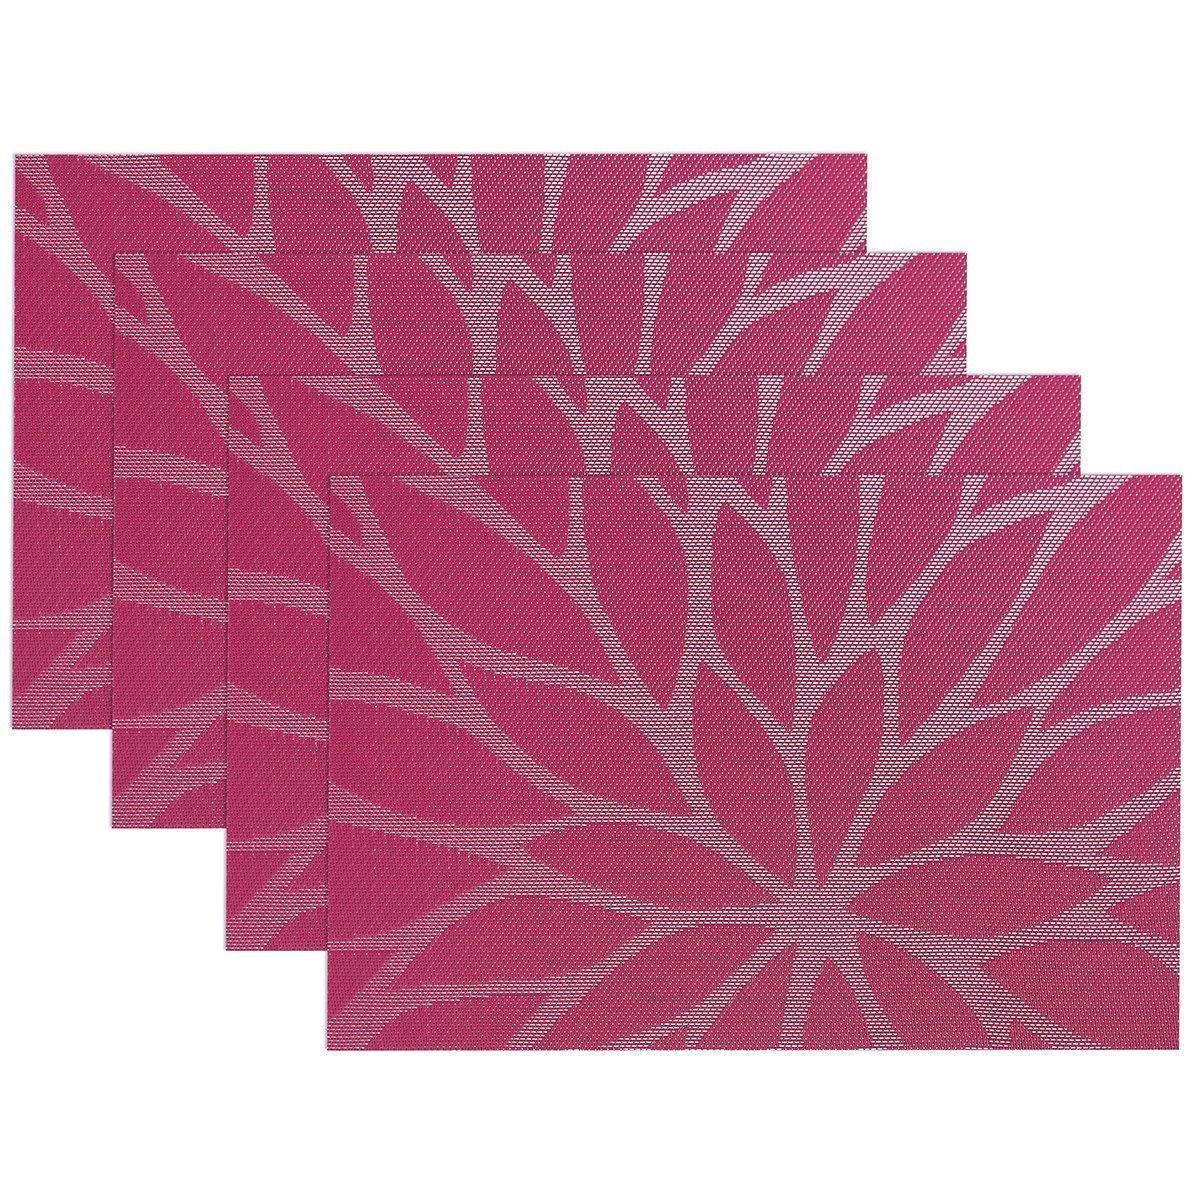 Yalulu Fleur Sets de table Table de salle /à manger Sets de table en PVC pour isolation thermique anti-tache tiss/é en vinyle de cuisine Set de table Sets de table Lot de 4 marron